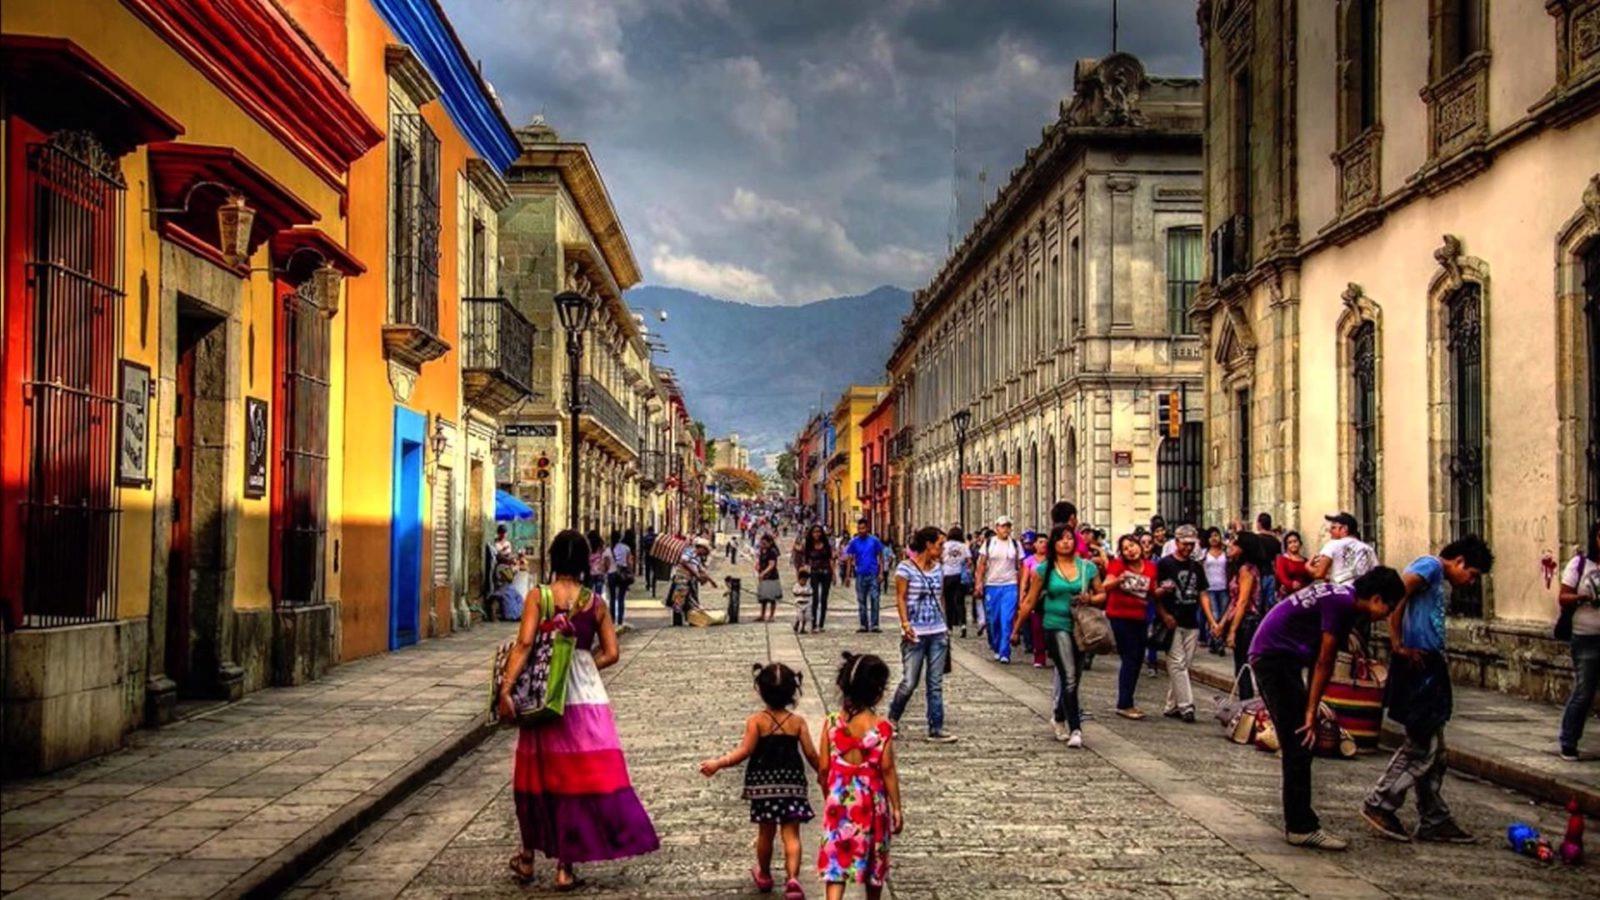 Calle en Oaxaca de jUarez